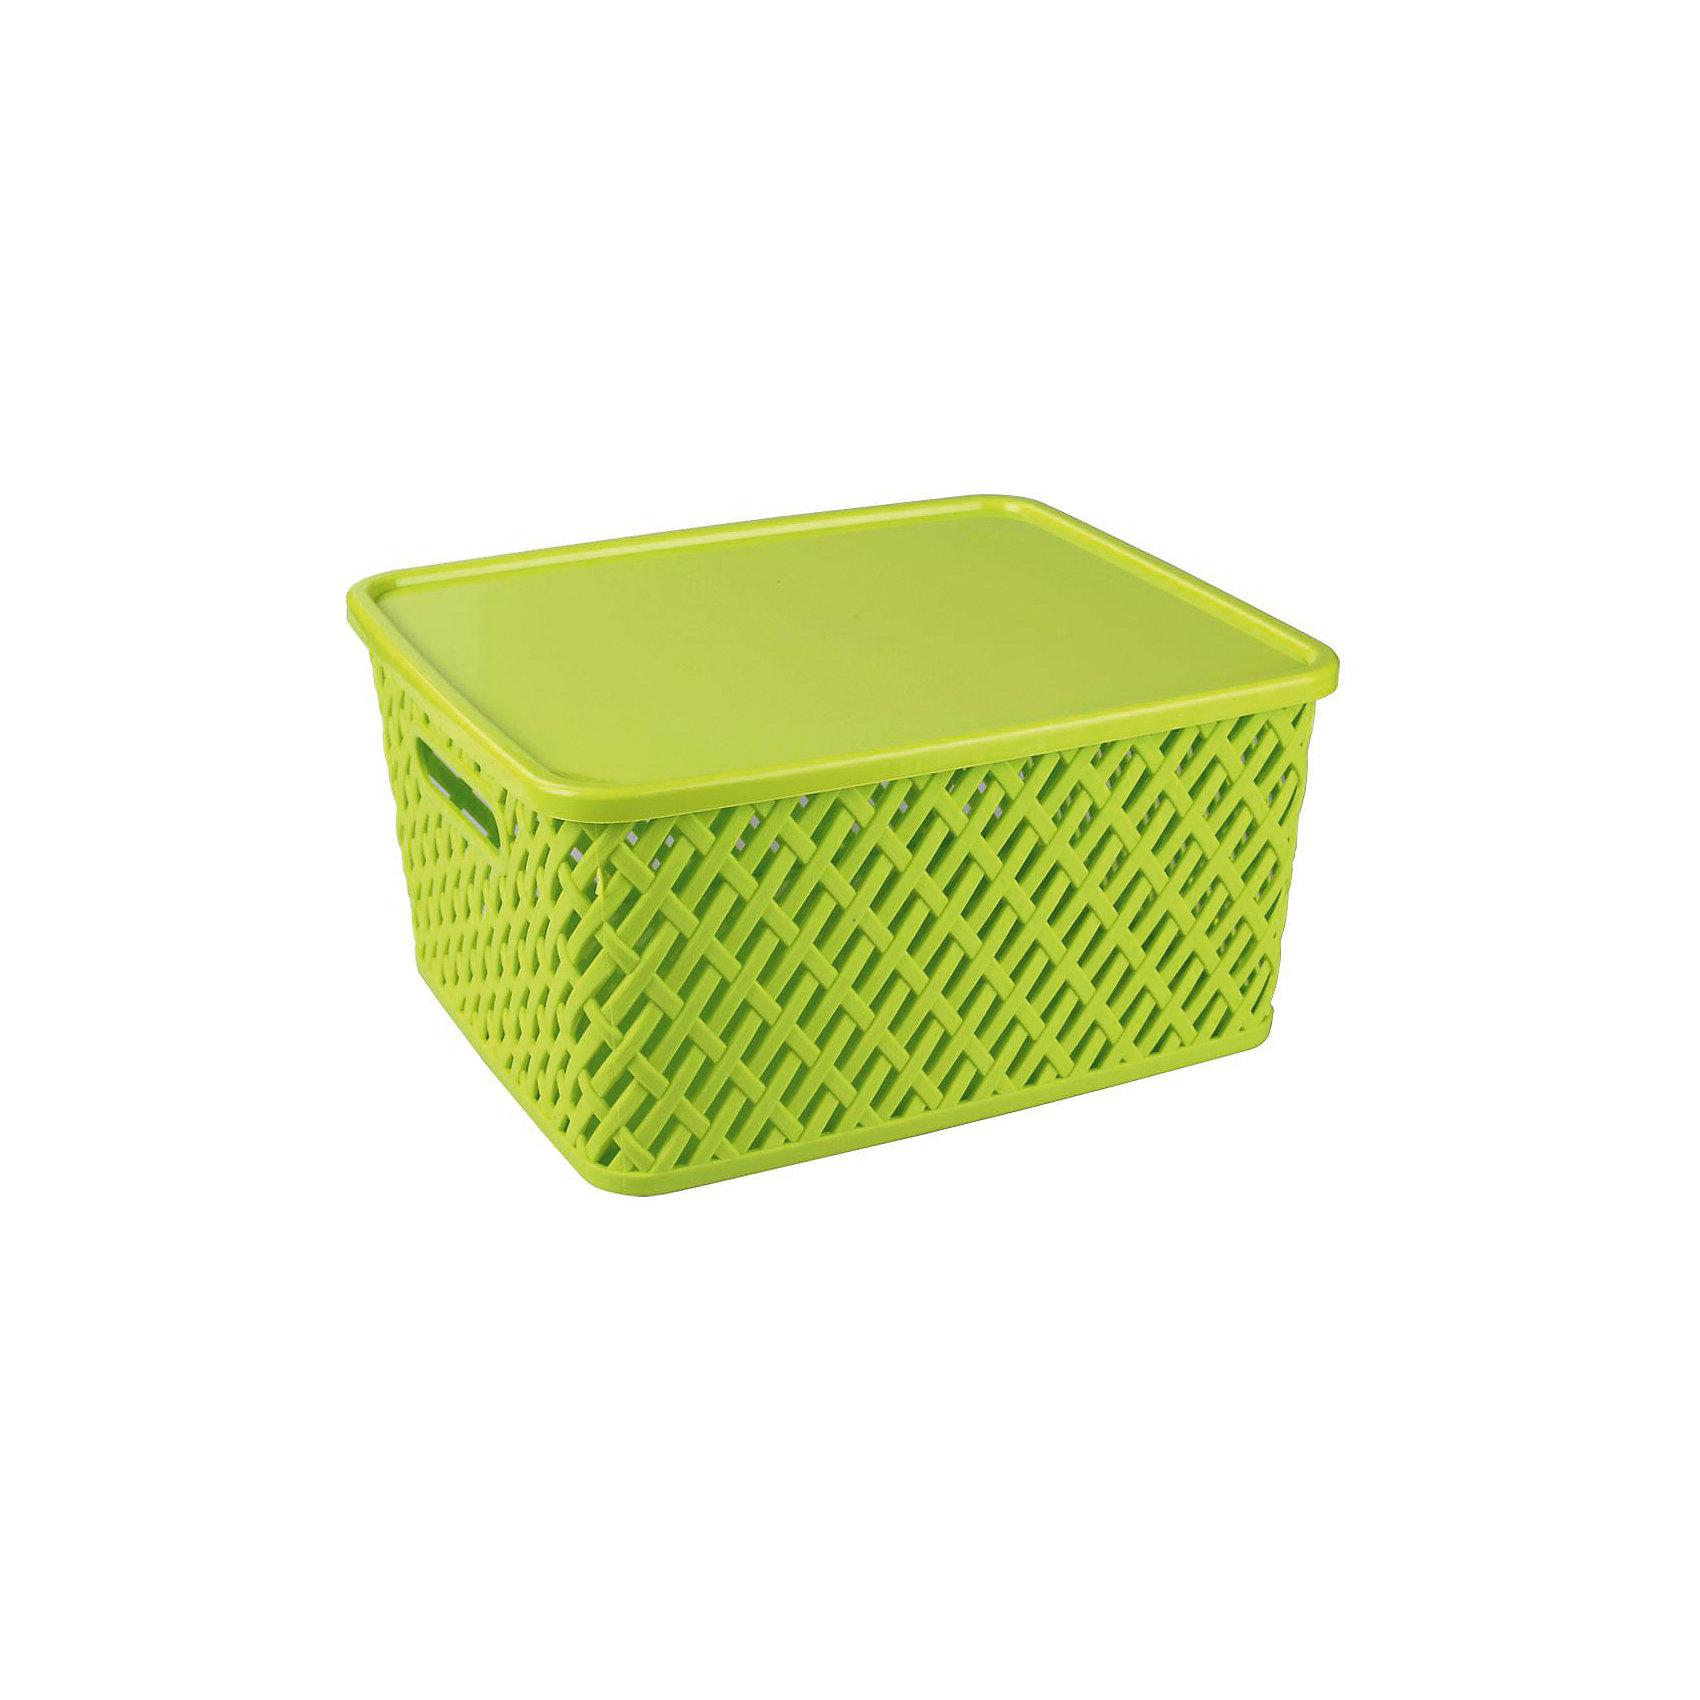 Корзина Плетенка (350х290х175)с крышкой, Alternativa, салатовыйПорядок в детской<br>Характеристики:<br><br>• Предназначение: для хозяйственных нужд<br>• Материал: пластик<br>• Цвет: салатовый<br>• Размер (Д*Ш*В): 35*29*17,5 см<br>• Форма: прямоугольныйольная<br>• Наличие крышки<br>• Особенности ухода: разрешается мыть теплой водой<br><br>Корзина Плетенка (350х290х175) с крышкой, Alternativa, салатовый изготовлена отечественным производителем ООО ЗПИ Альтернатива, который специализируется на выпуске широкого спектра изделий из пластика. Контейнер выполнен из экологически безопасного пластика, устойчивого к механическим повреждениям, корпус оформлен имитацией плетения из лозы с крупными отверстиями, по бокам имеются ручки, в комплекте предусмотрена крышка. Изделие имеет удобную форму, достаточно легкое в уходе. Корзину Плетенка (350х290х175) с крышкой, Alternativa, салатовую можно использовать для хранения белья, игрушек, овощей и многих других целей.<br><br>Корзину Плетенка (350х290х175) с крышкой, Alternativa, салатовую можно купить в нашем интернет-магазине.<br><br>Ширина мм: 355<br>Глубина мм: 305<br>Высота мм: 180<br>Вес г: 626<br>Возраст от месяцев: 6<br>Возраст до месяцев: 84<br>Пол: Унисекс<br>Возраст: Детский<br>SKU: 5096600